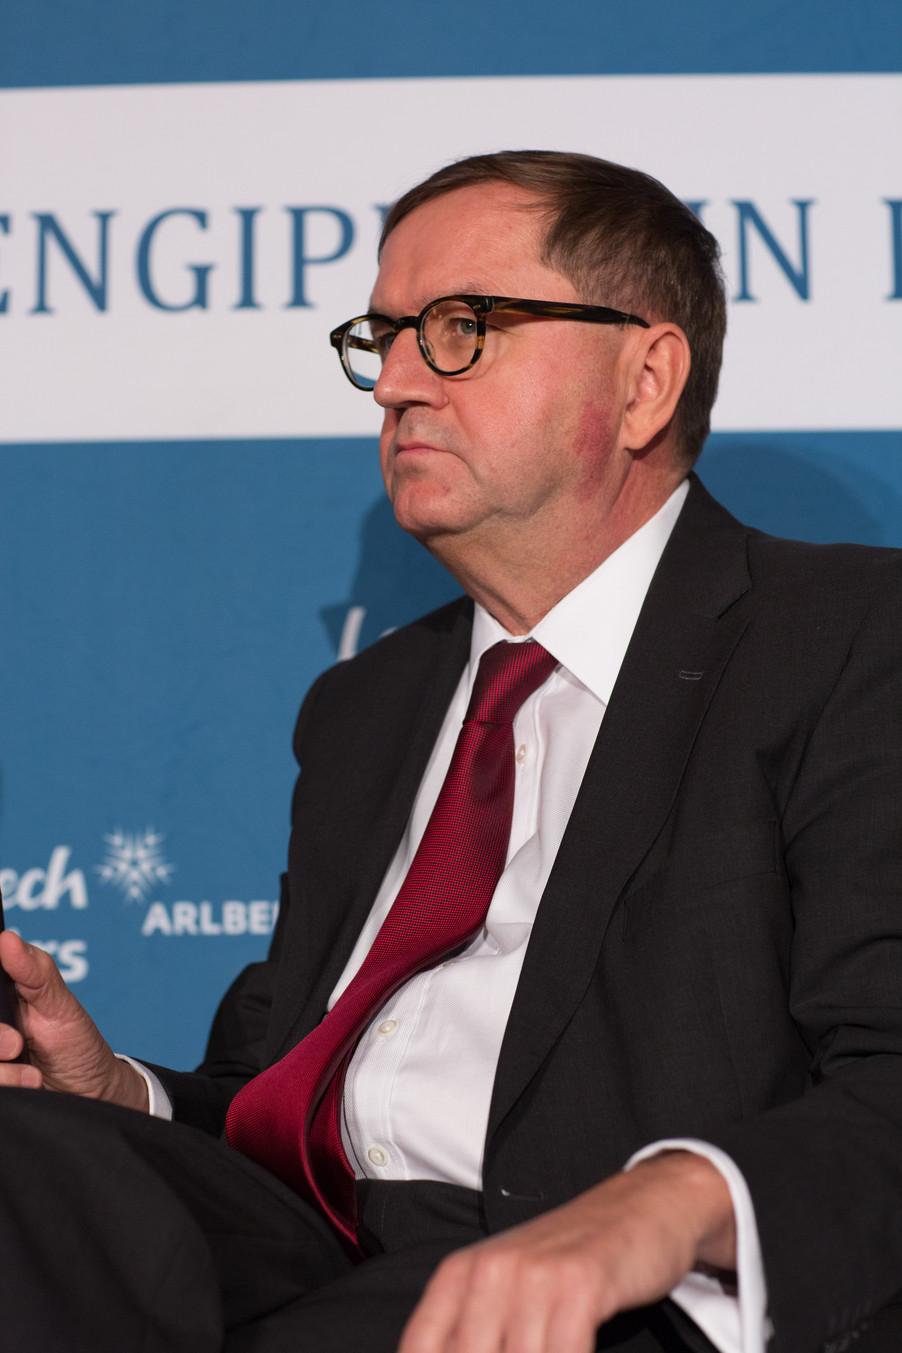 Bild 16   Pressestunde mit Finanzminister Schelling im Rahmen des Euroäischen Mediengipfels Lech am Arlberg